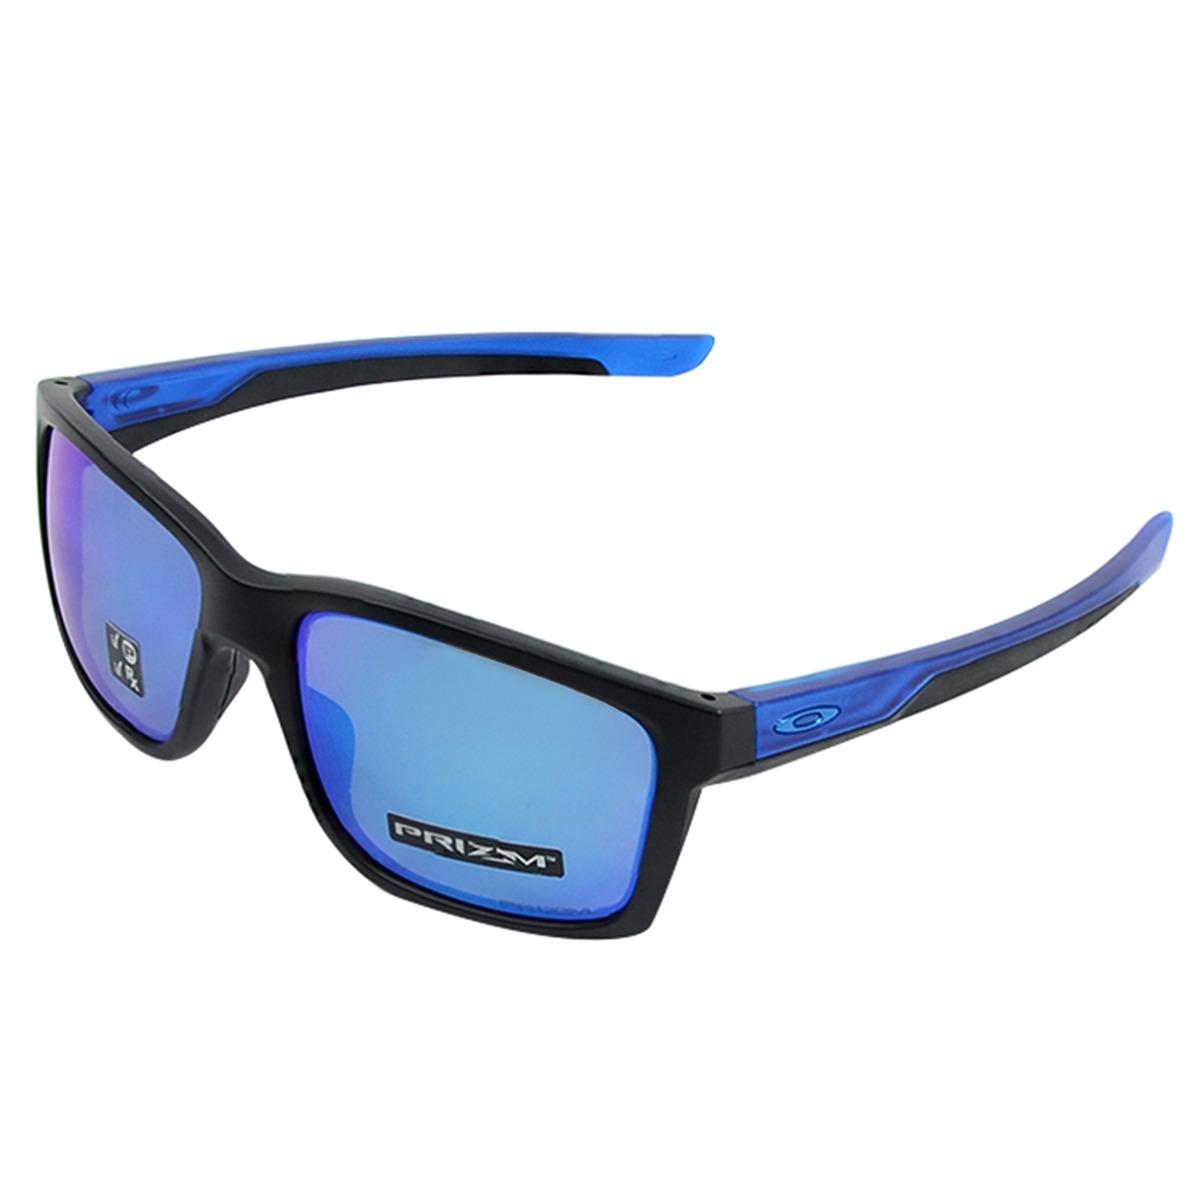 88d922ffe9be1 Óculos Oakley Mainlink Sapphire Preto Matte - R  710,00 em Mercado Livre